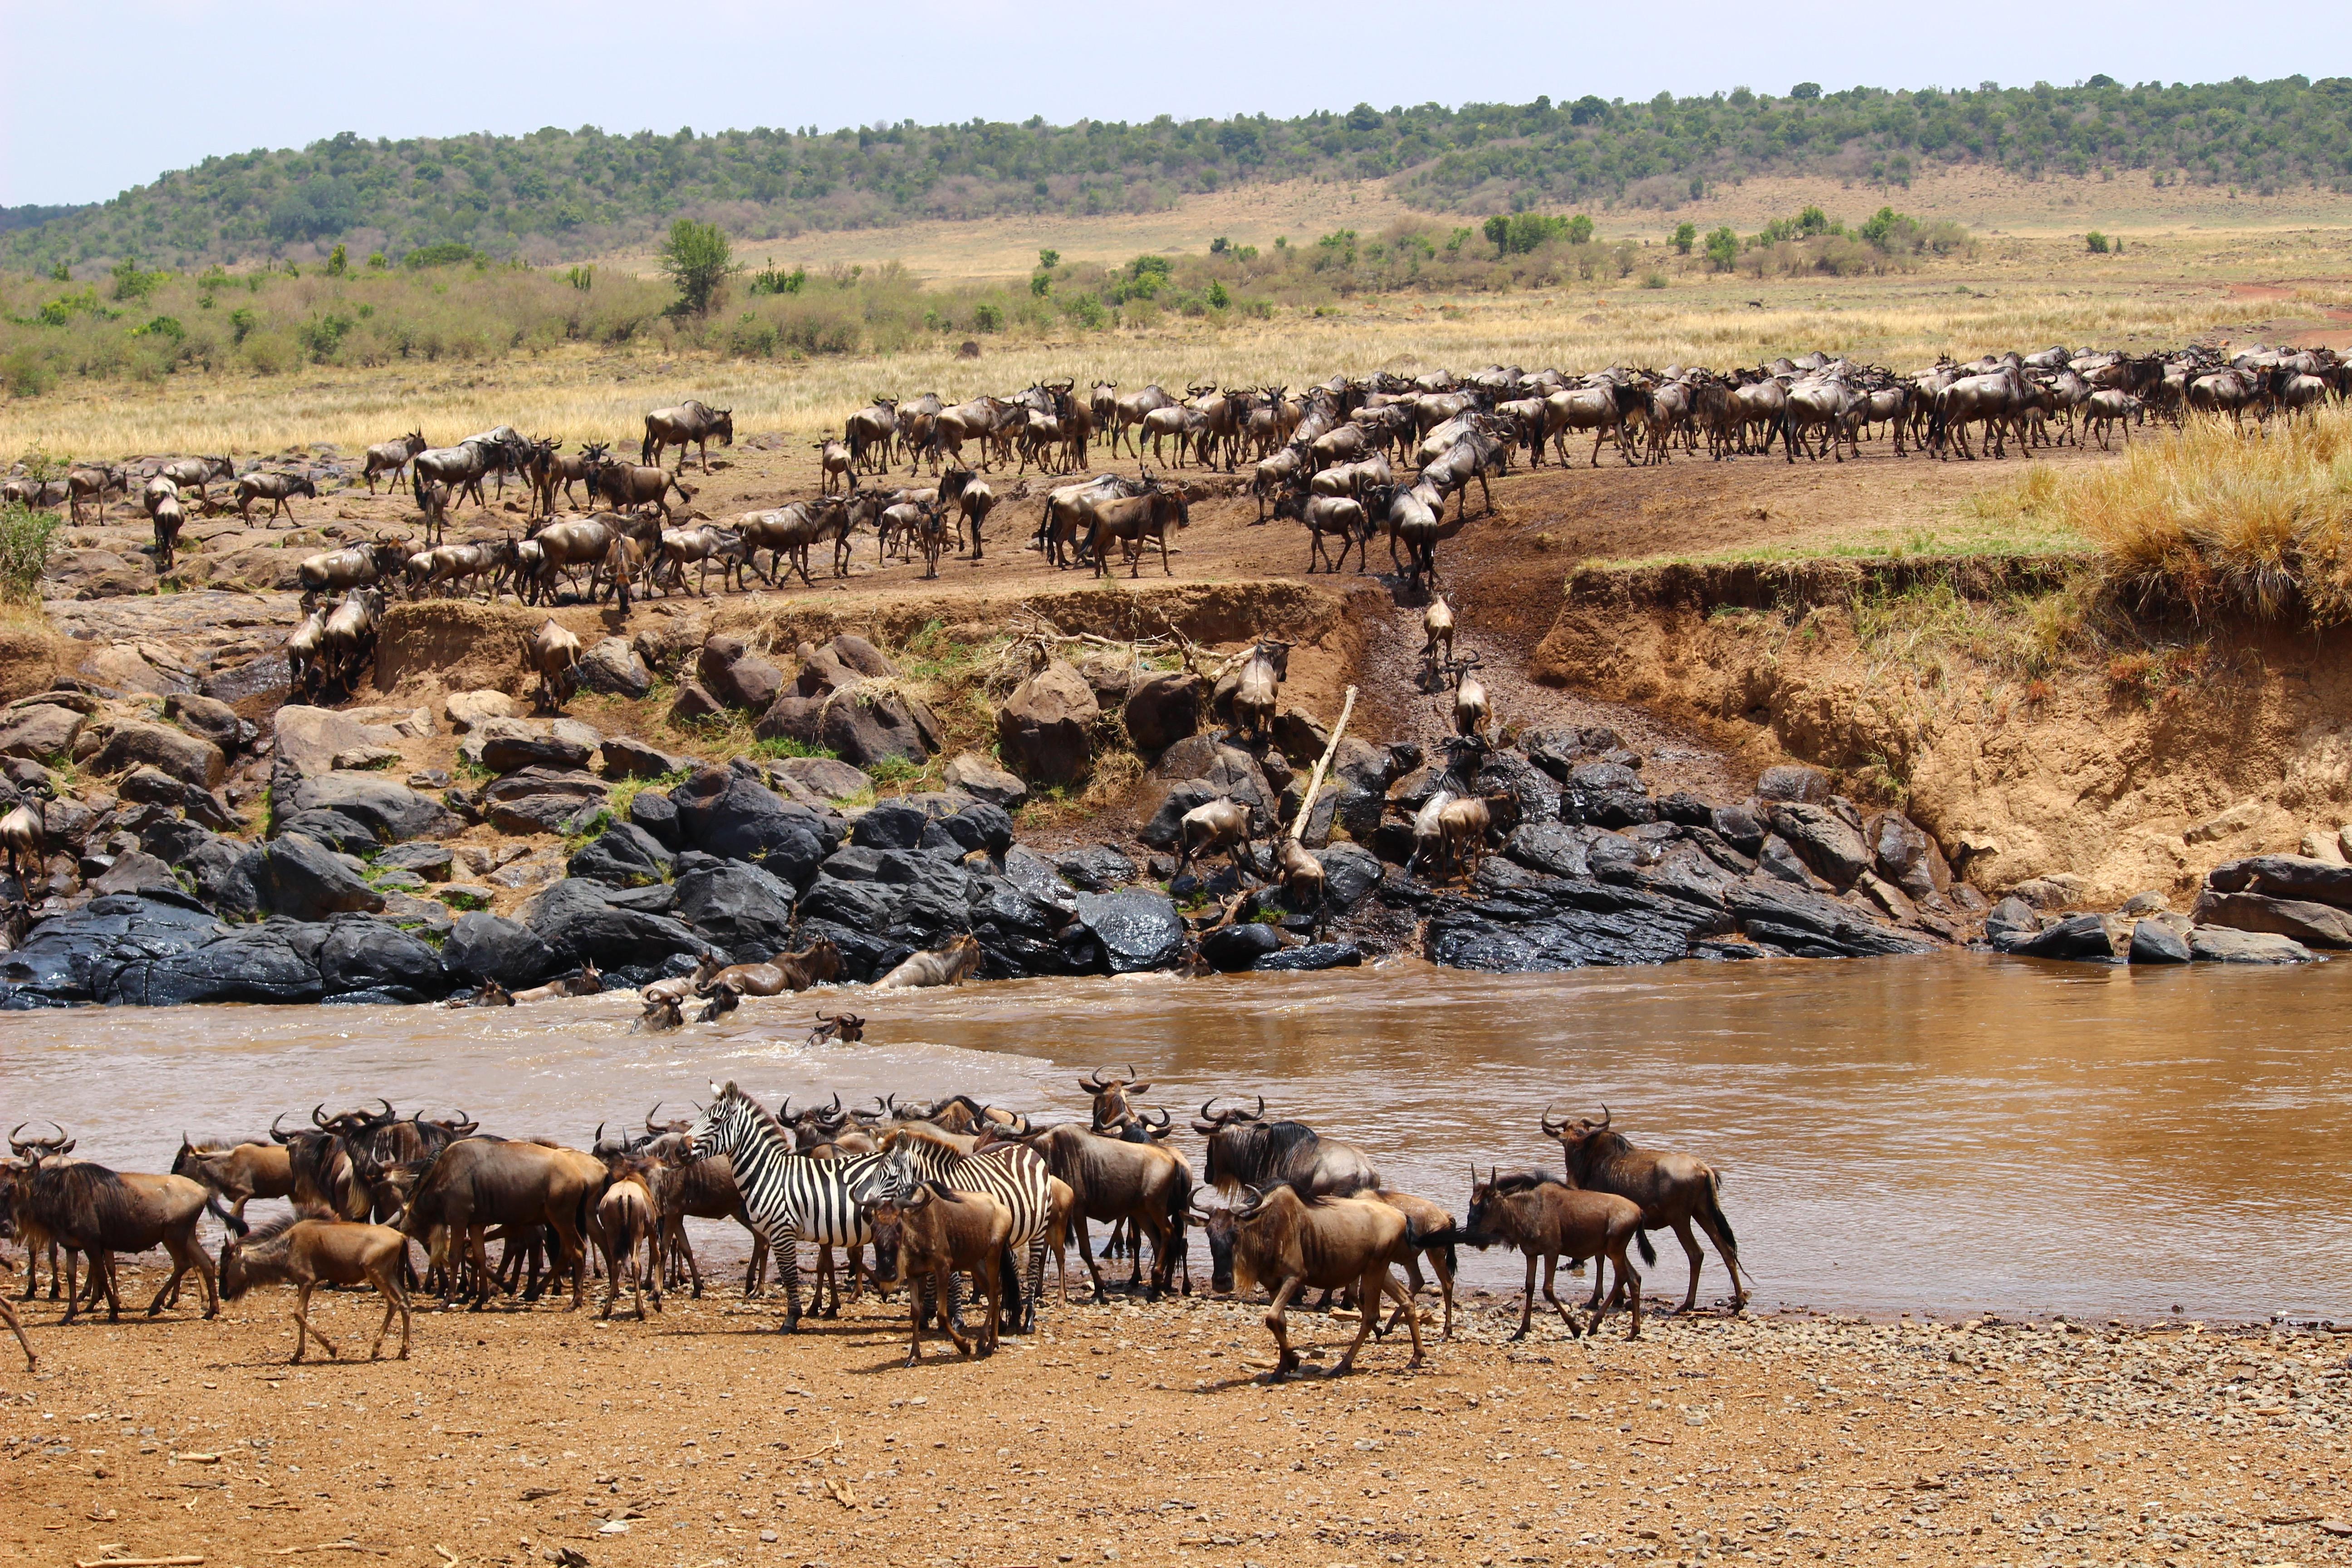 great_migration_kenya_tanzania_wildebeest_zebra_mara_river